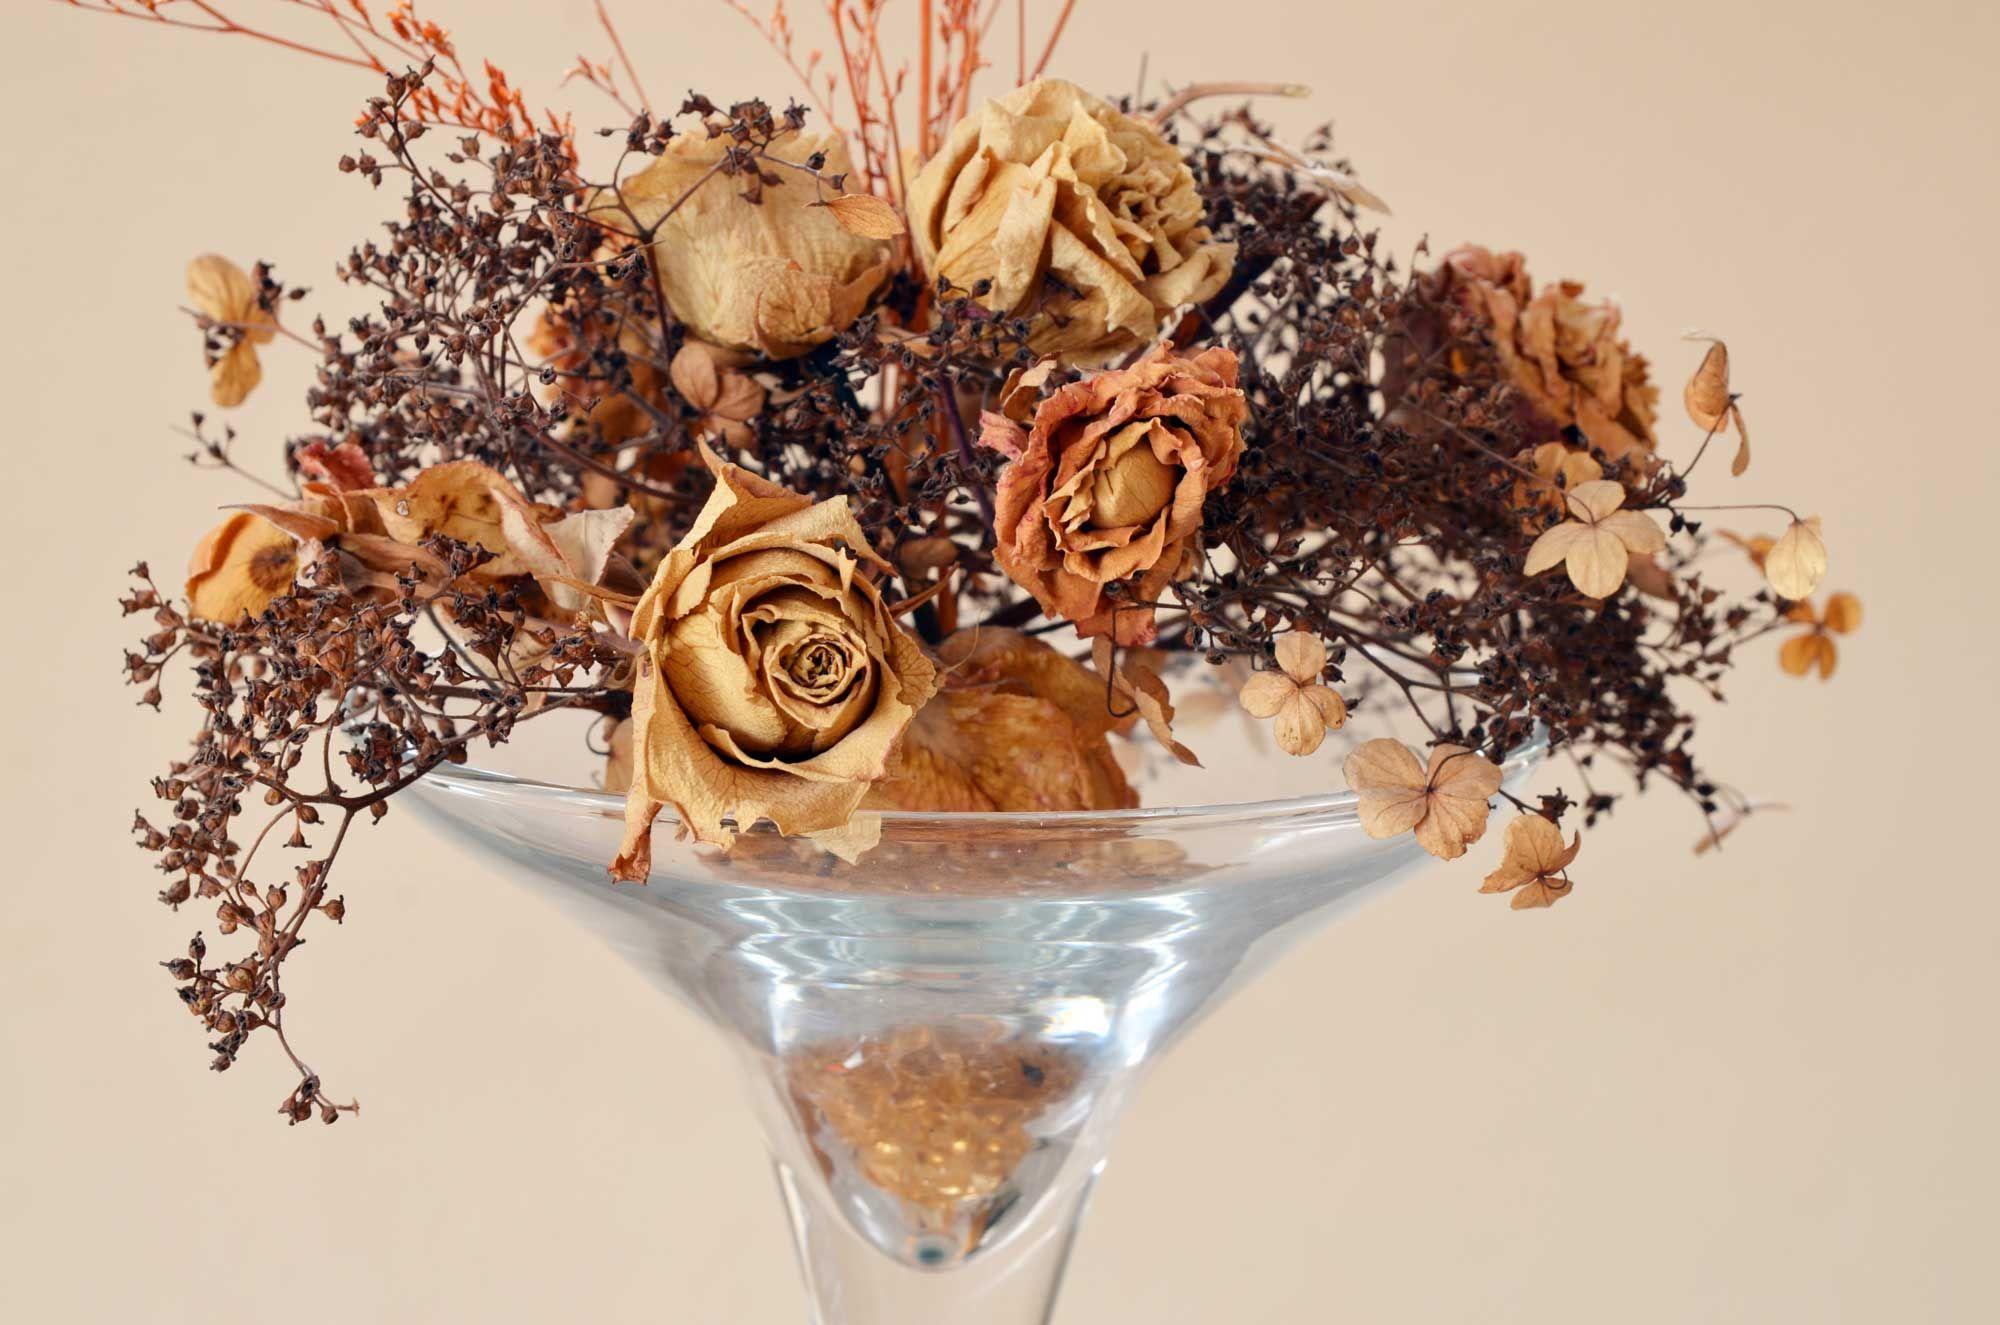 Fleurs dans les tons bruns pour l'automne